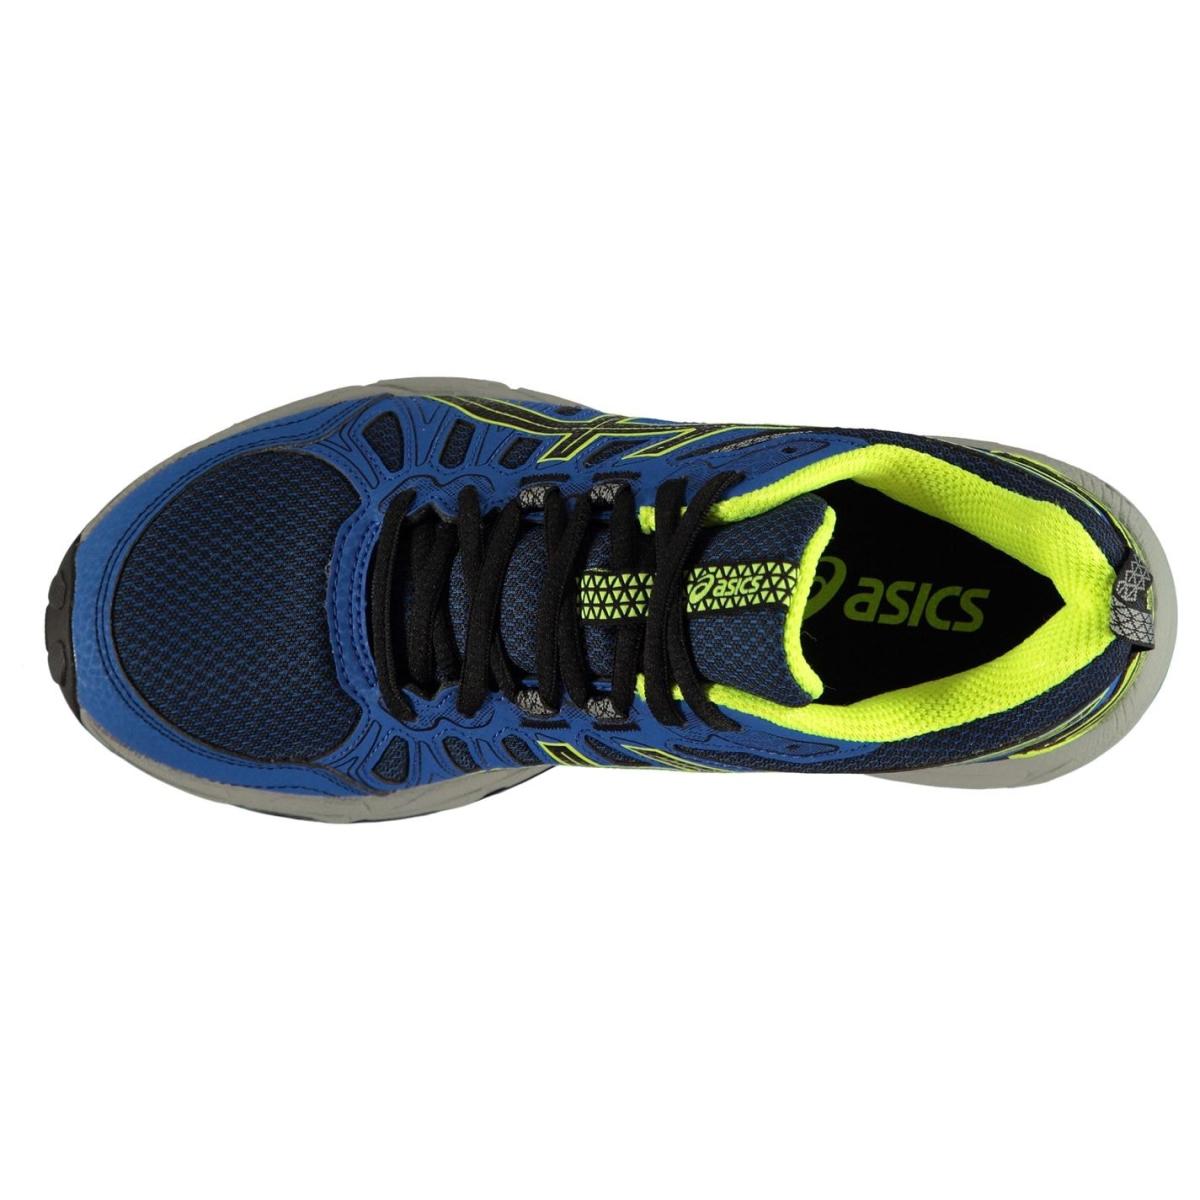 Asics-Gel-Venture-7-Turnschuhe-Laufschuhe-Jungen-Kinder-Sneaker-Sportschuhe-7031 Indexbild 4